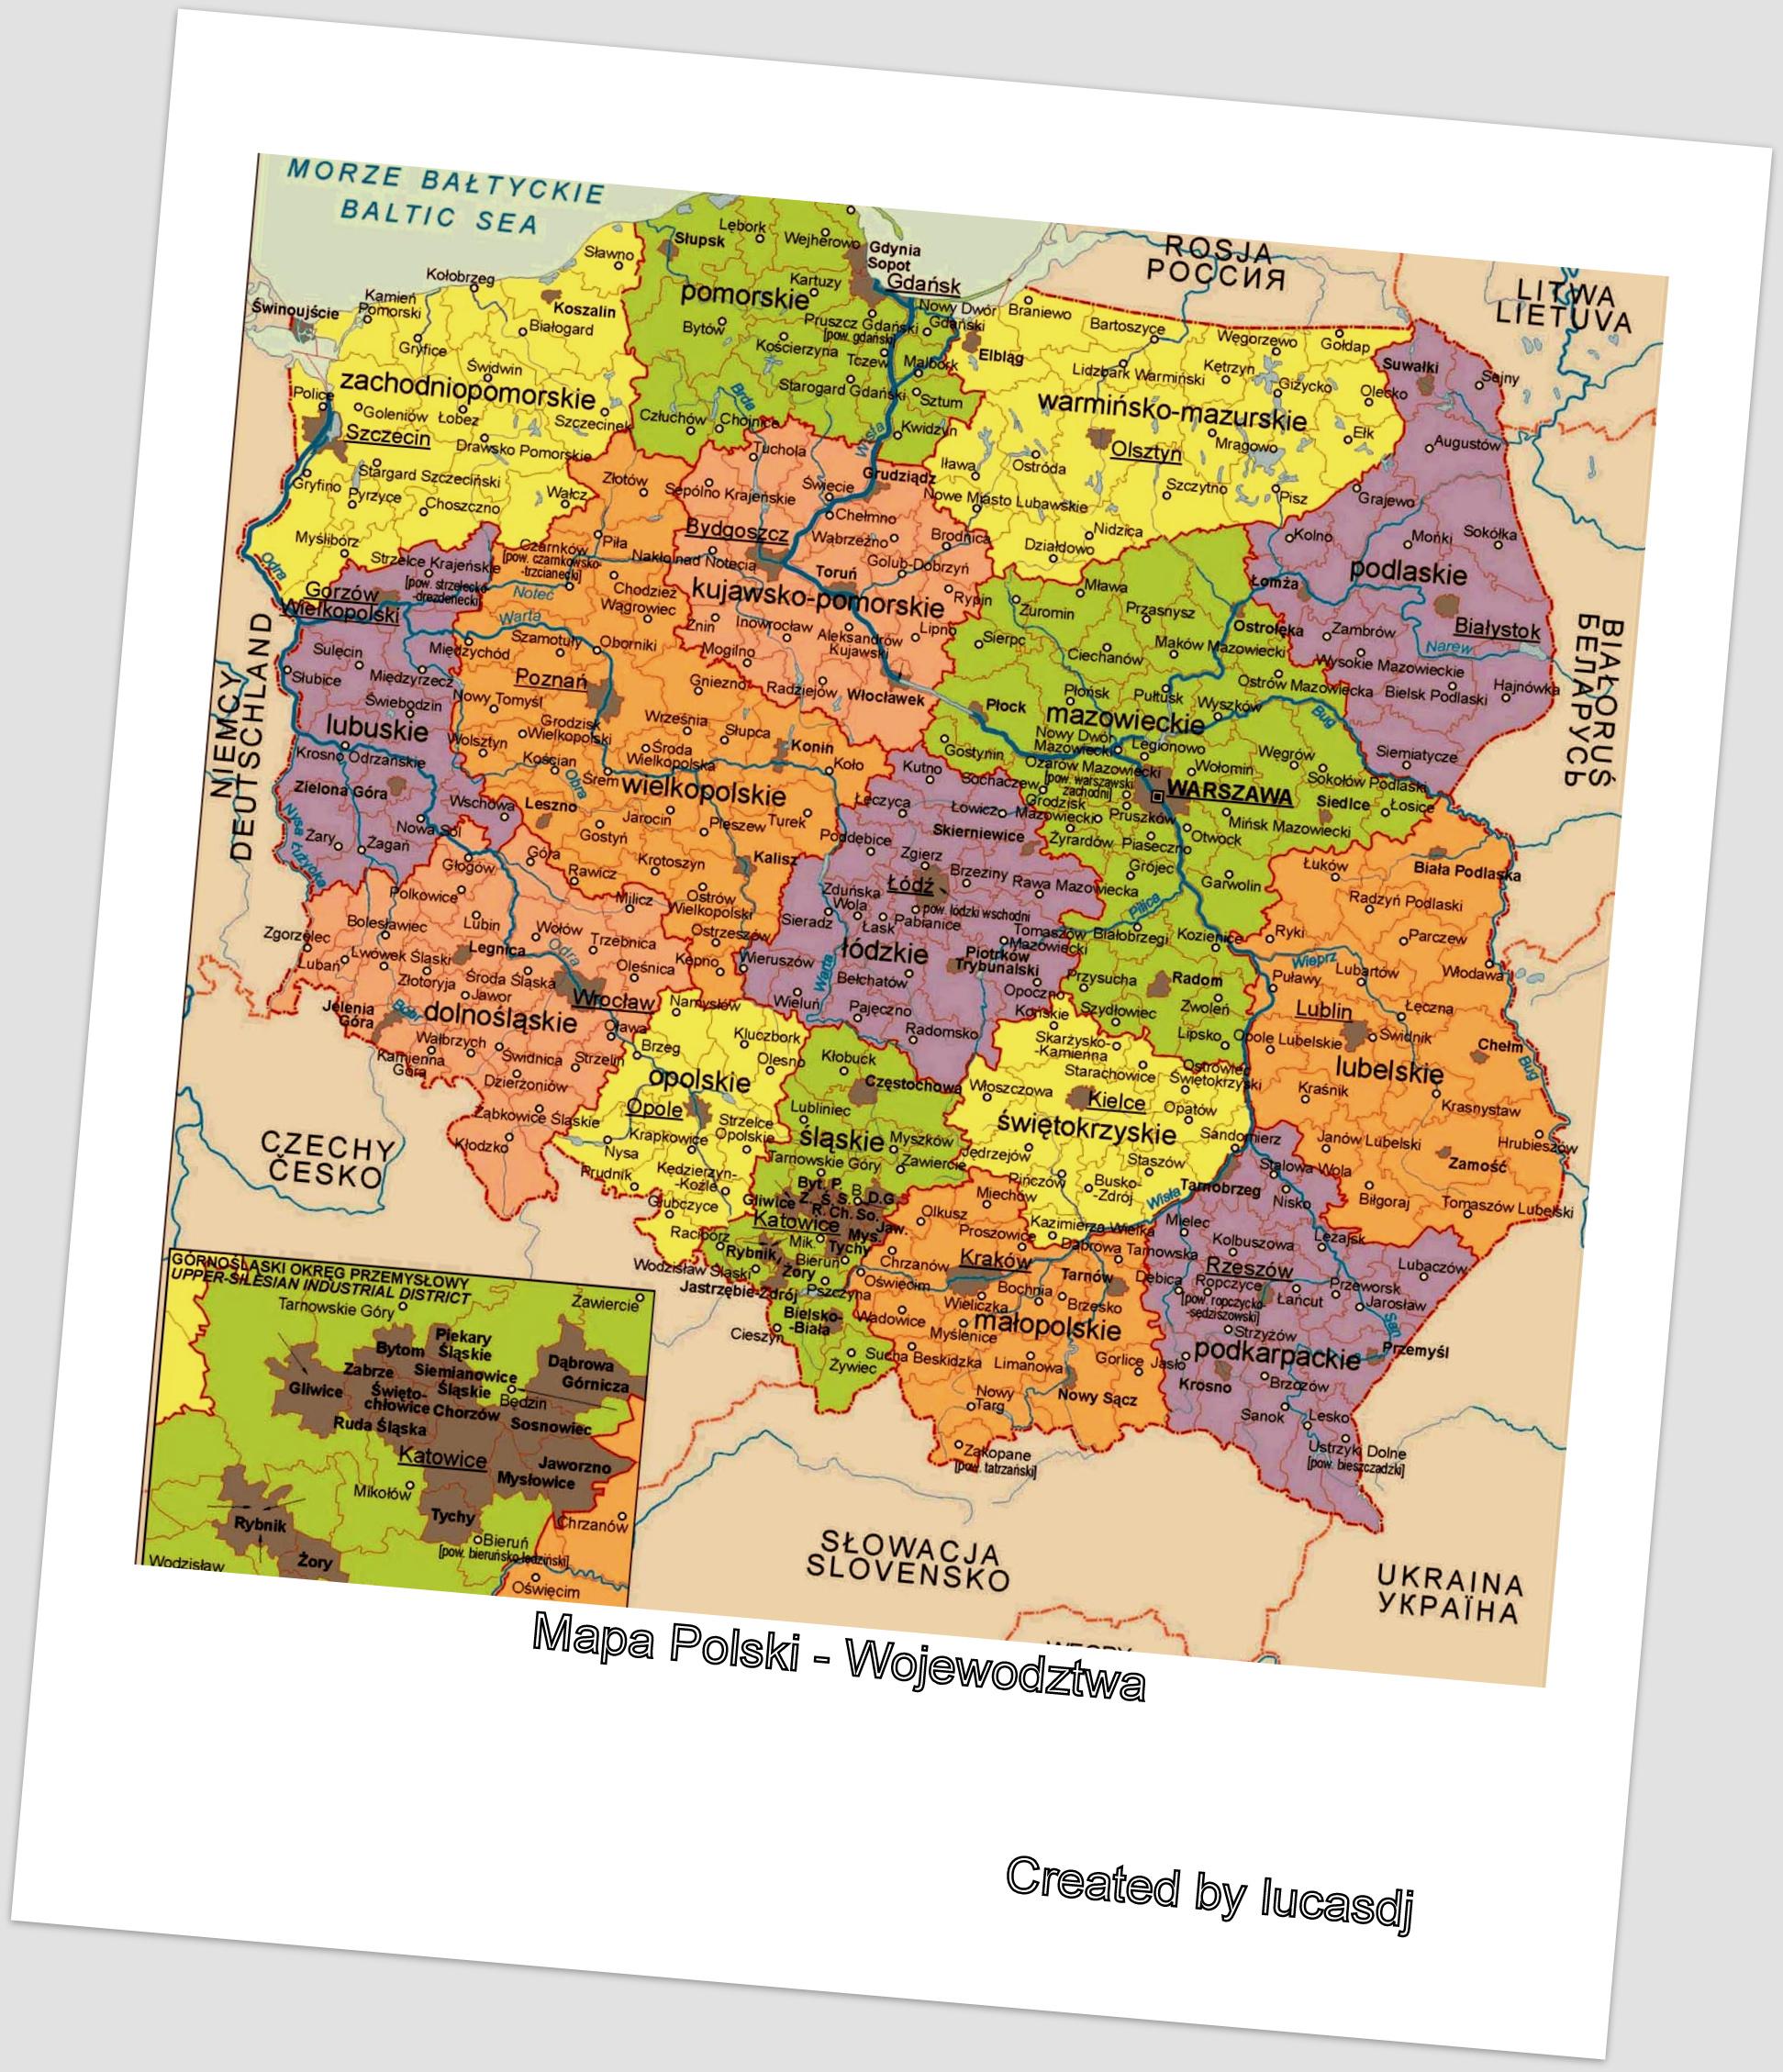 Mapa Polski z podzialem na Wojewodztwa by lucasdj